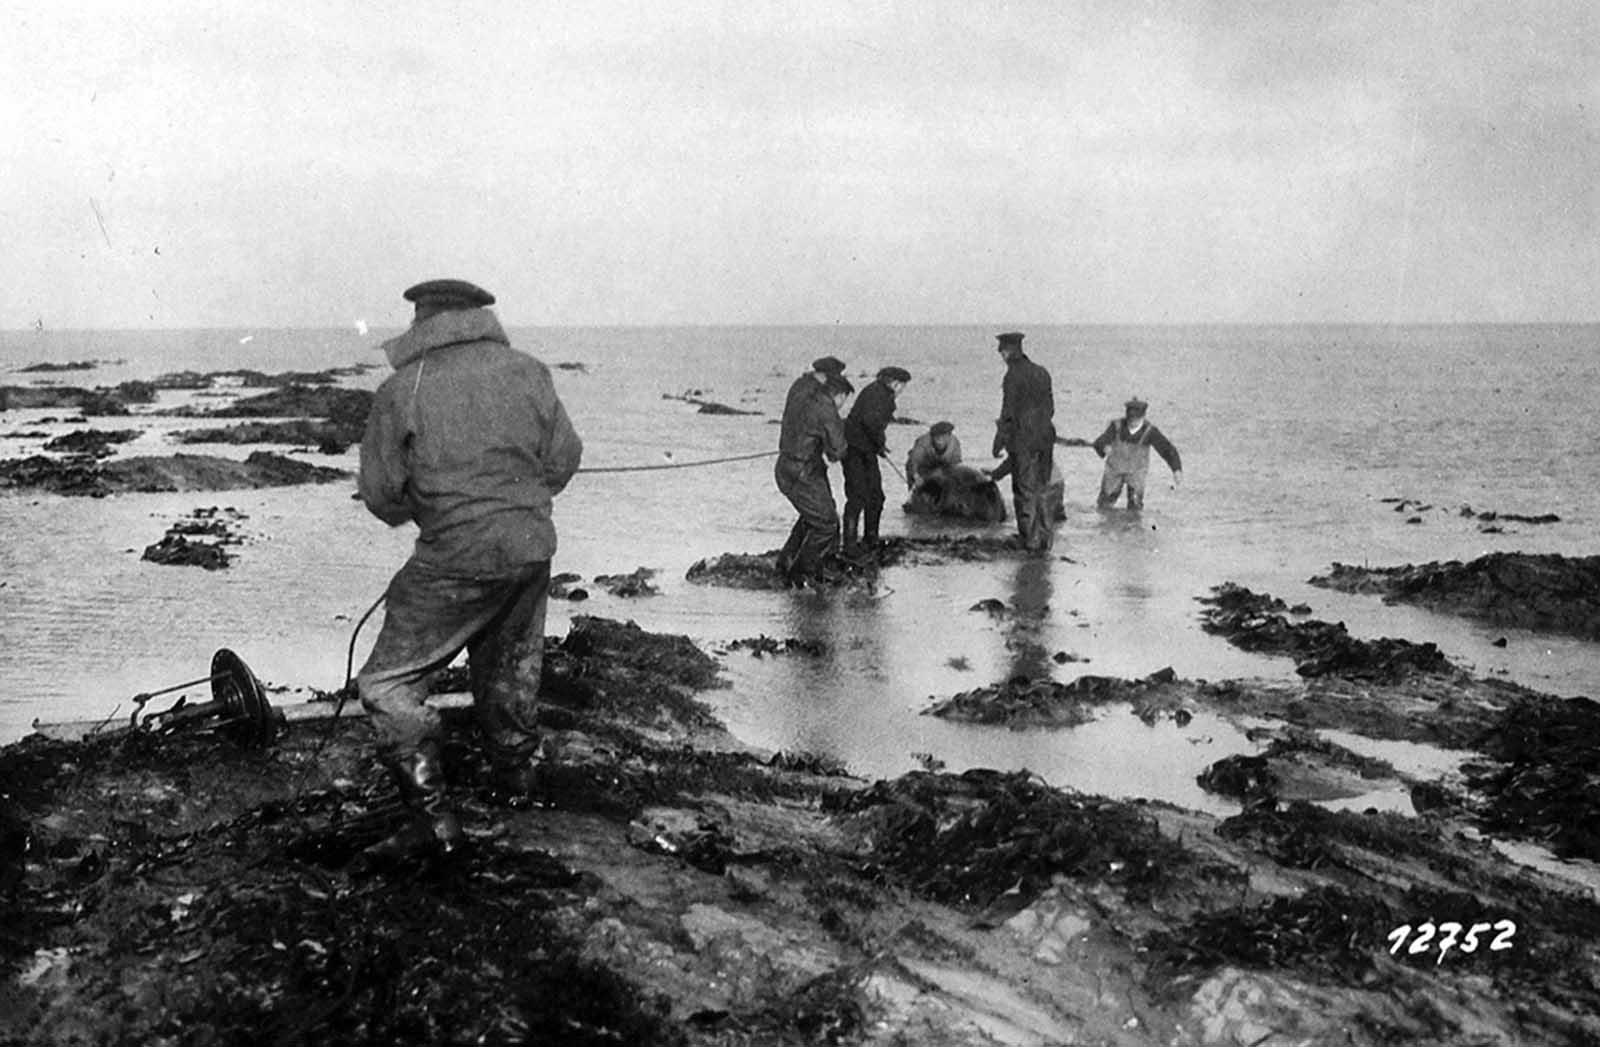 Una mina es arrastrada a tierra en Heligoland, en el Mar del Norte, el 29 de octubre de 1918.